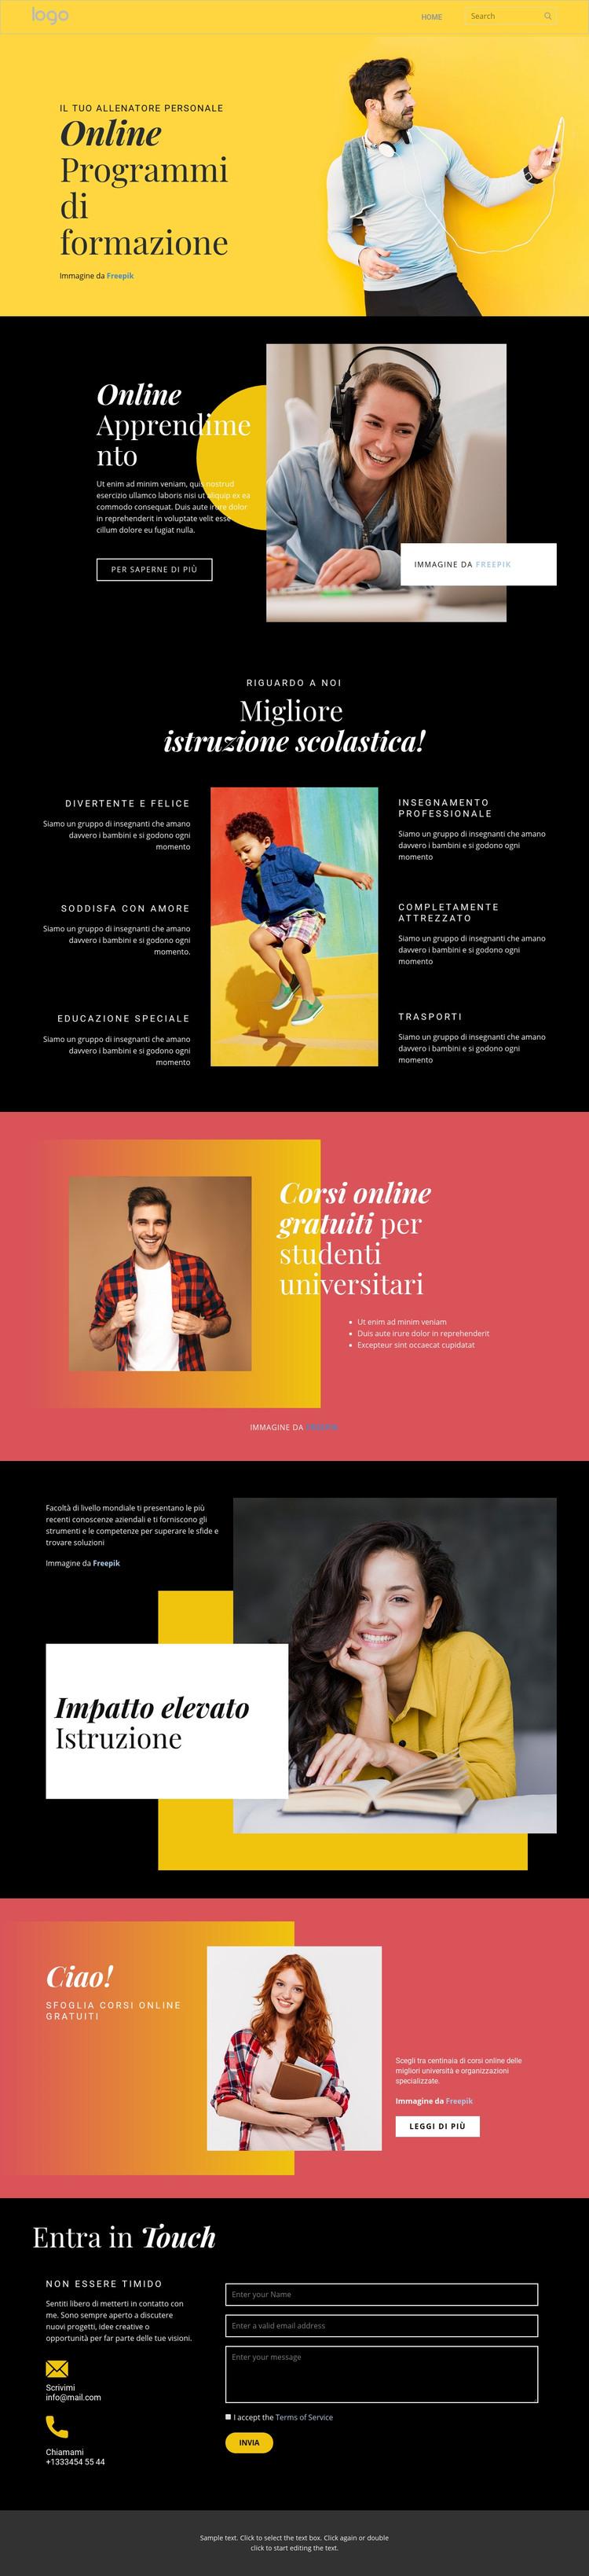 Buona formazione online Modello HTML